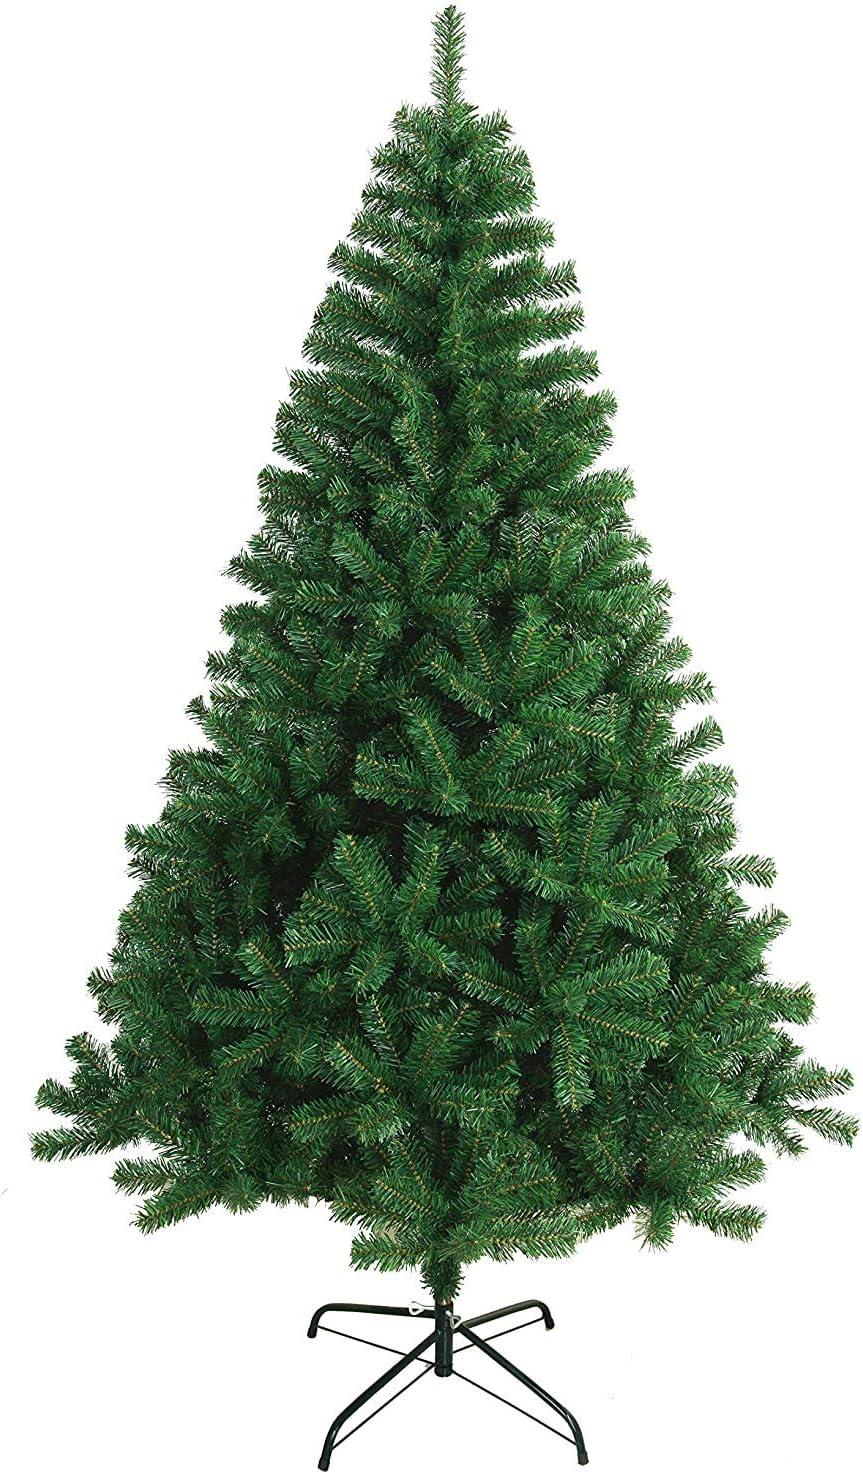 TIENDA EURASIA® Árbol de Navidad - Árboles de Navidad Artificiales - Soporte de Pie Metálico - Medidas 90-210 cm - Colores Verde y Blanco - Fácil Montaje (Verde, 120CM)